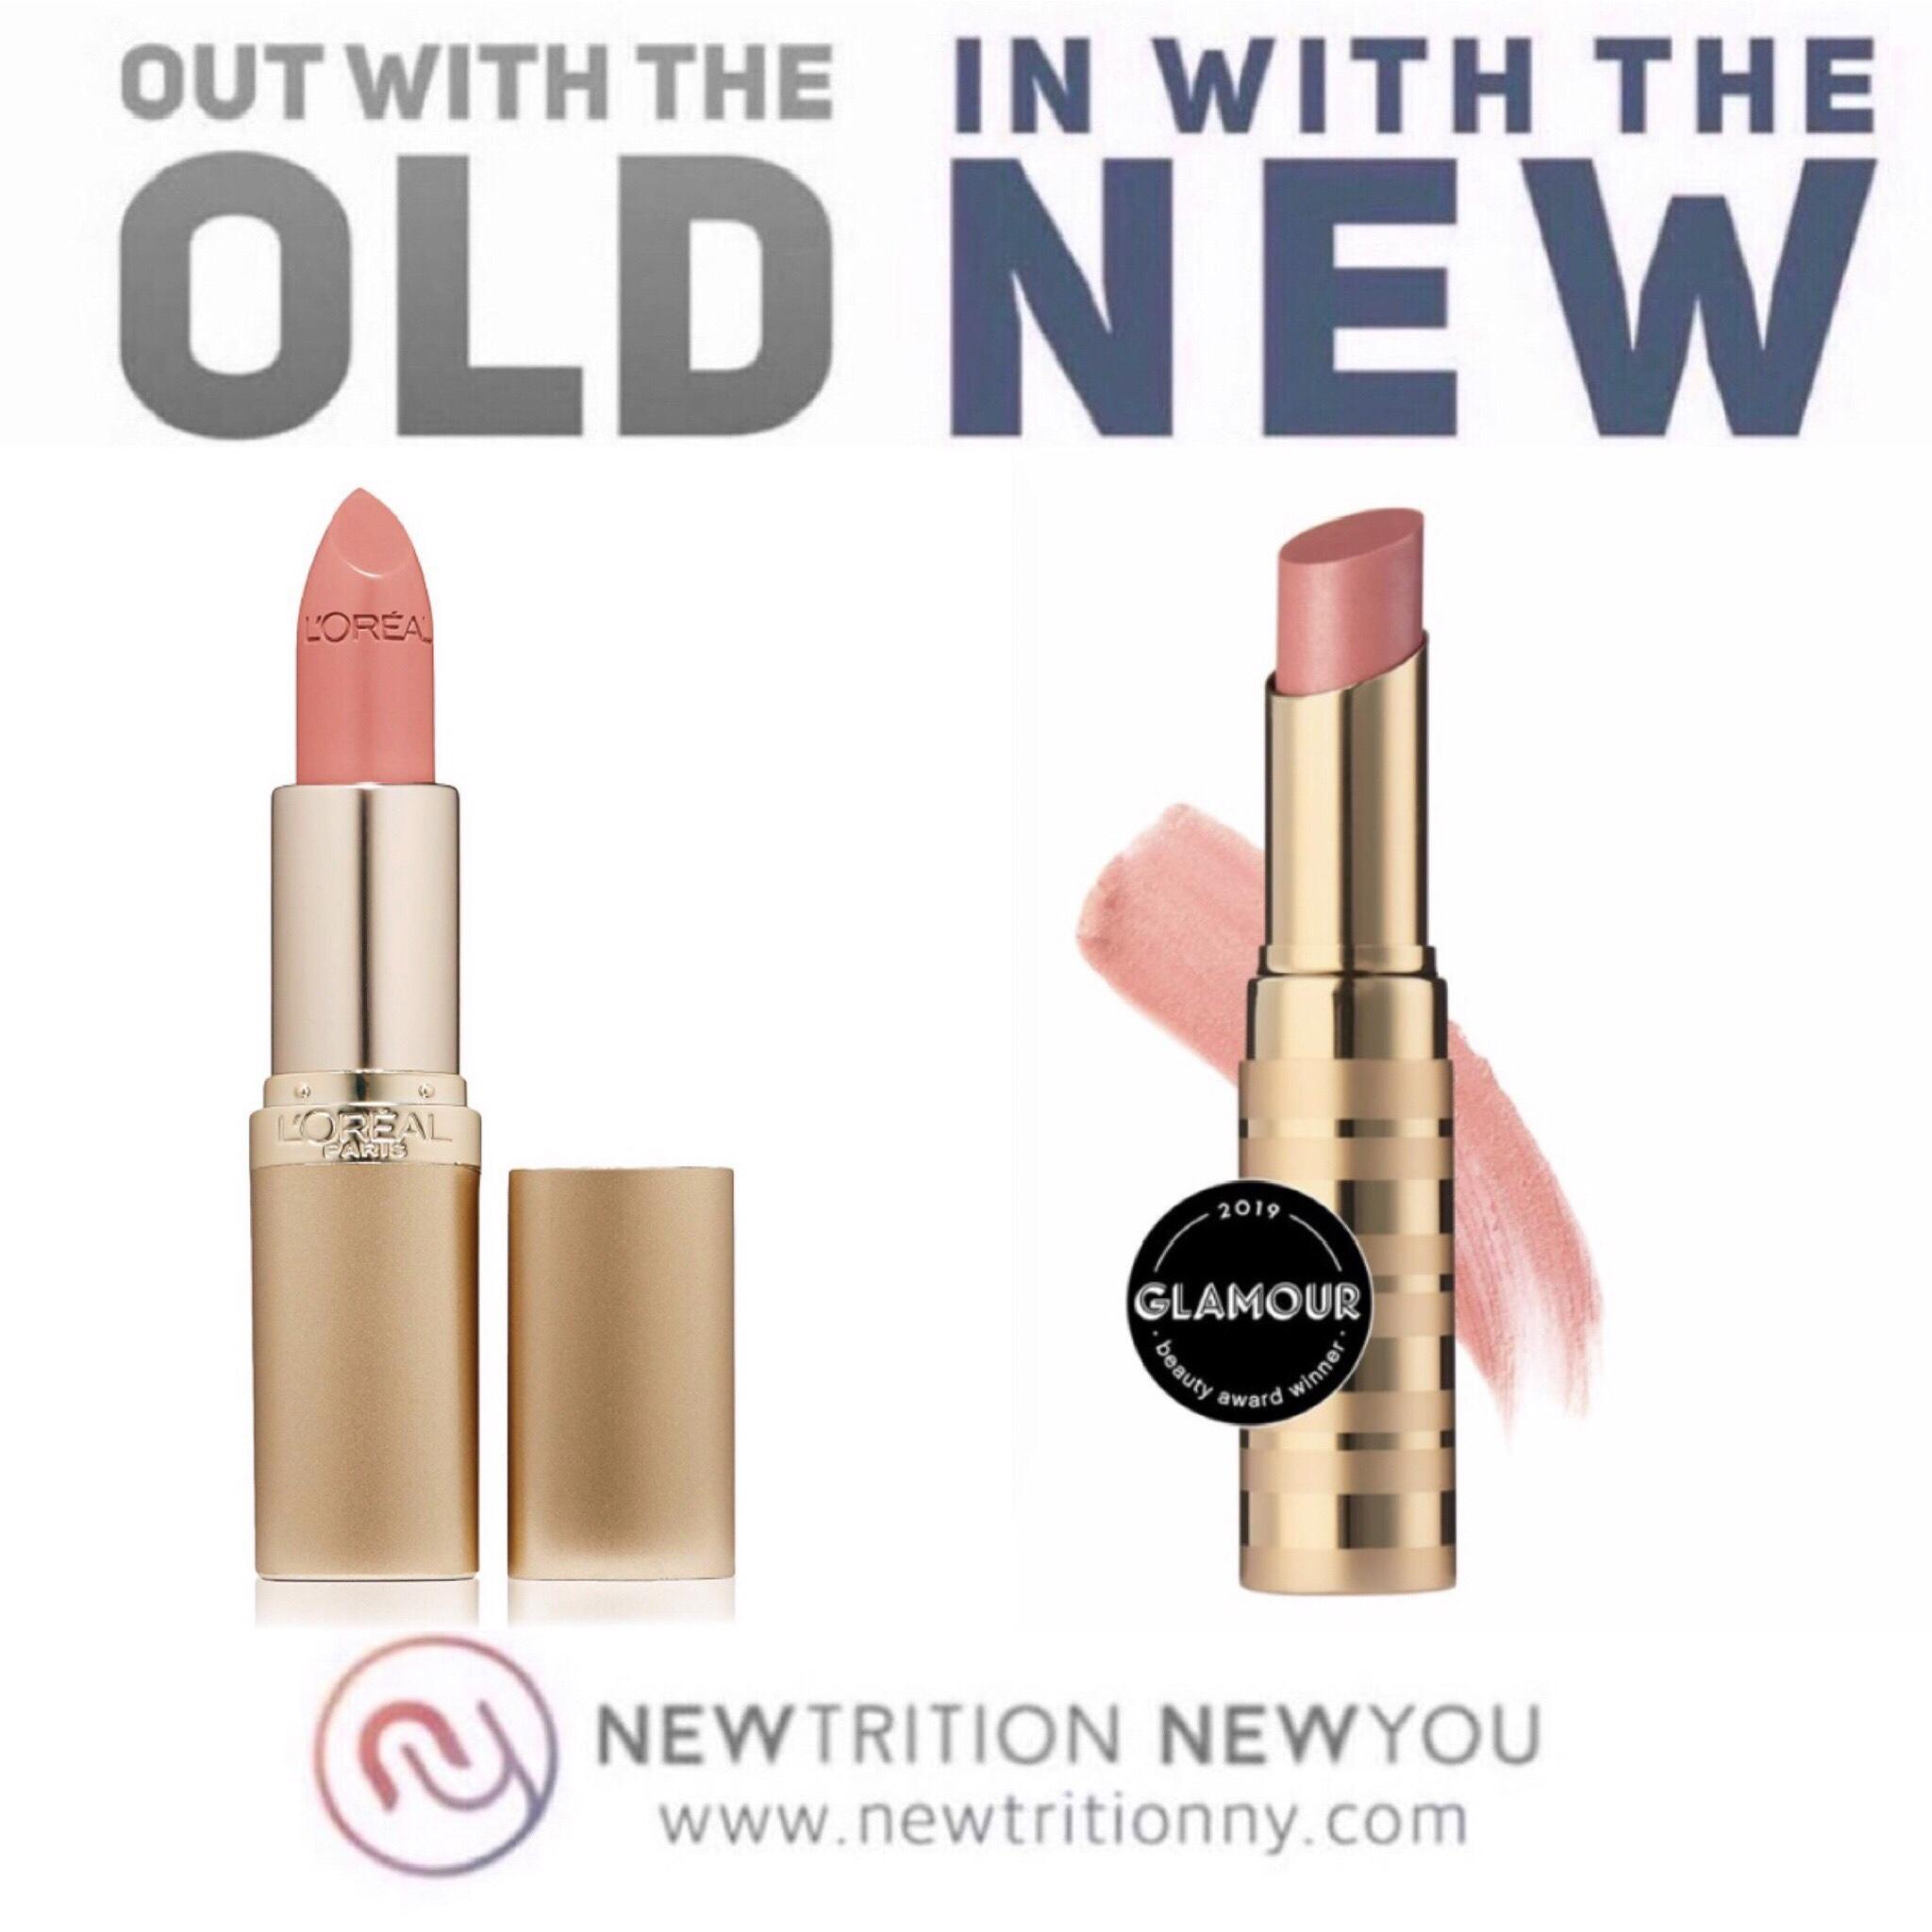 L'Oreal Colour Riche Lipstick in Fairest Nude vs. Beautycounter Lip Sheer in Petal